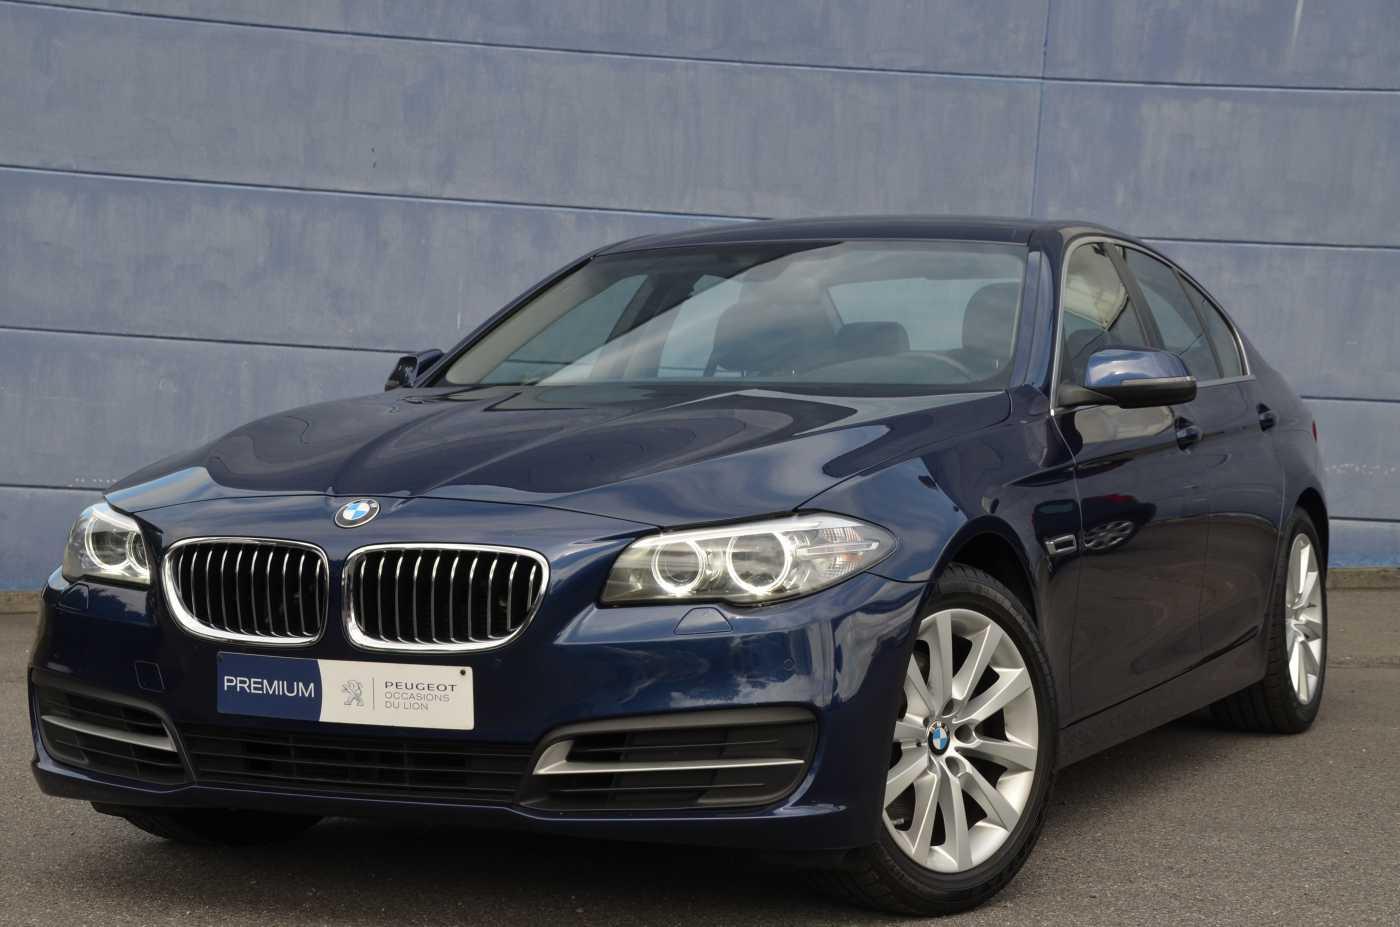 BMW 5 DIESEL - 2015 518 dA 1/12